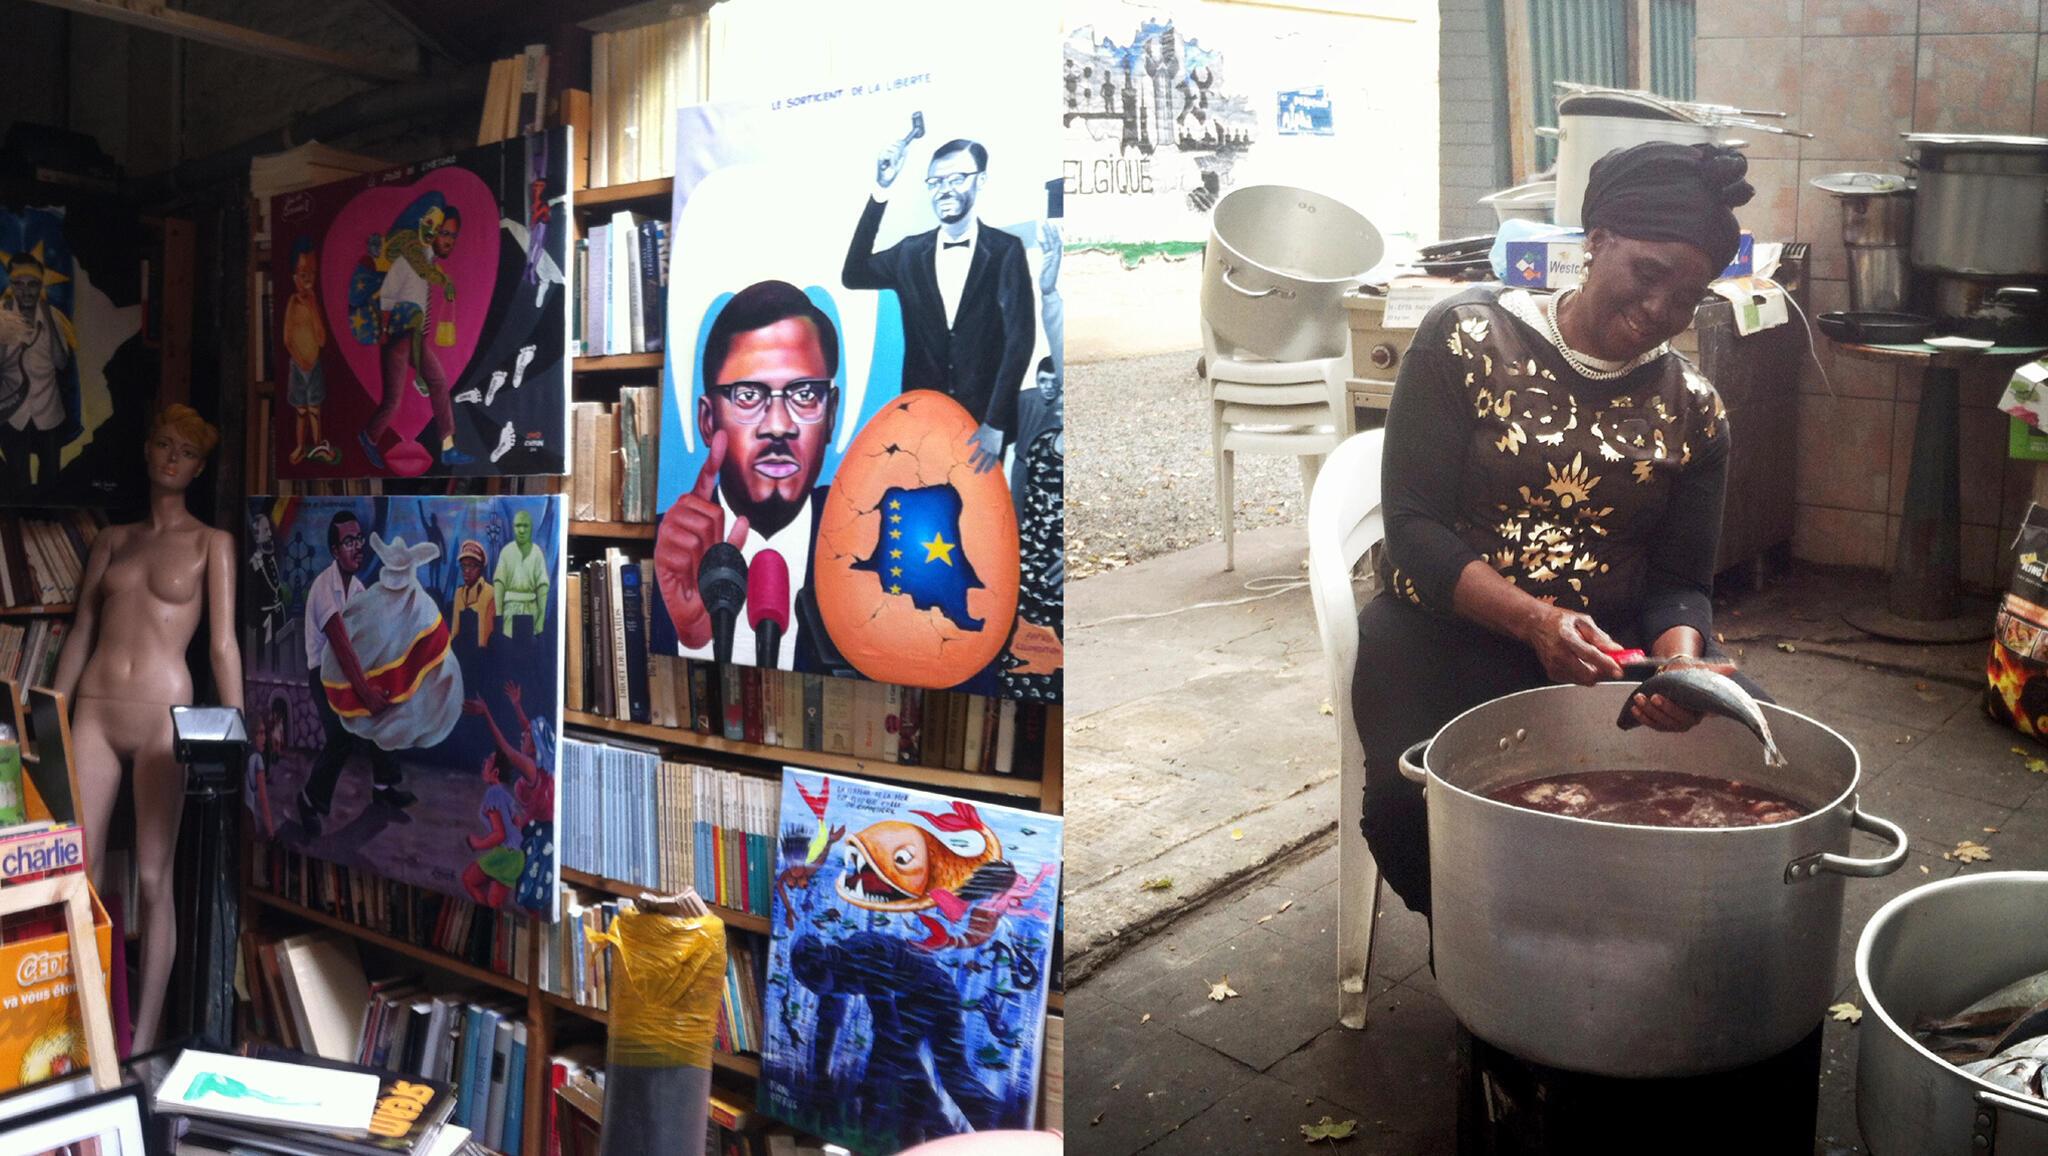 De la « Bibliothèque Lumumba » (à gauche) aux arrière-cours de restaurants africains (à droite), le quartier Matonge de Bruxelles a des airs vraiment kinois.